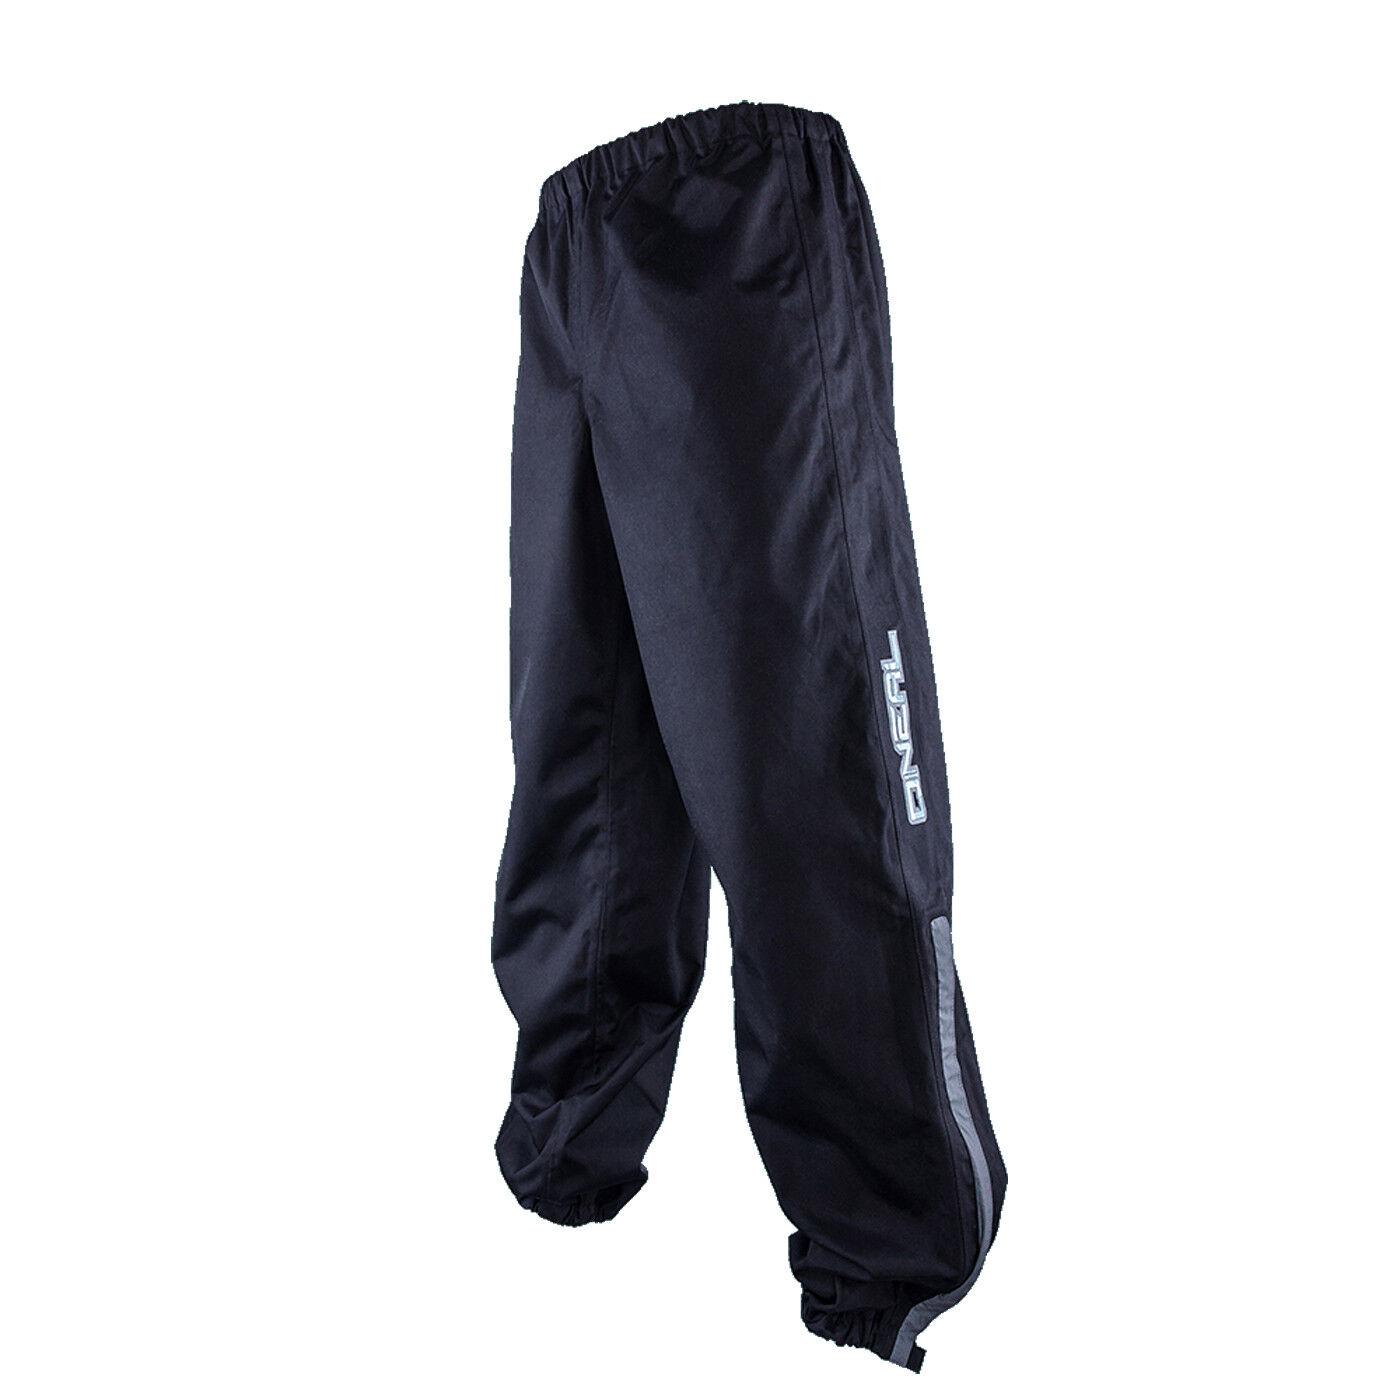 O 'Neal Shore II RAIN Pioggia Bicicletta Pantaloni Short Corto Nero 2019 ONEAL